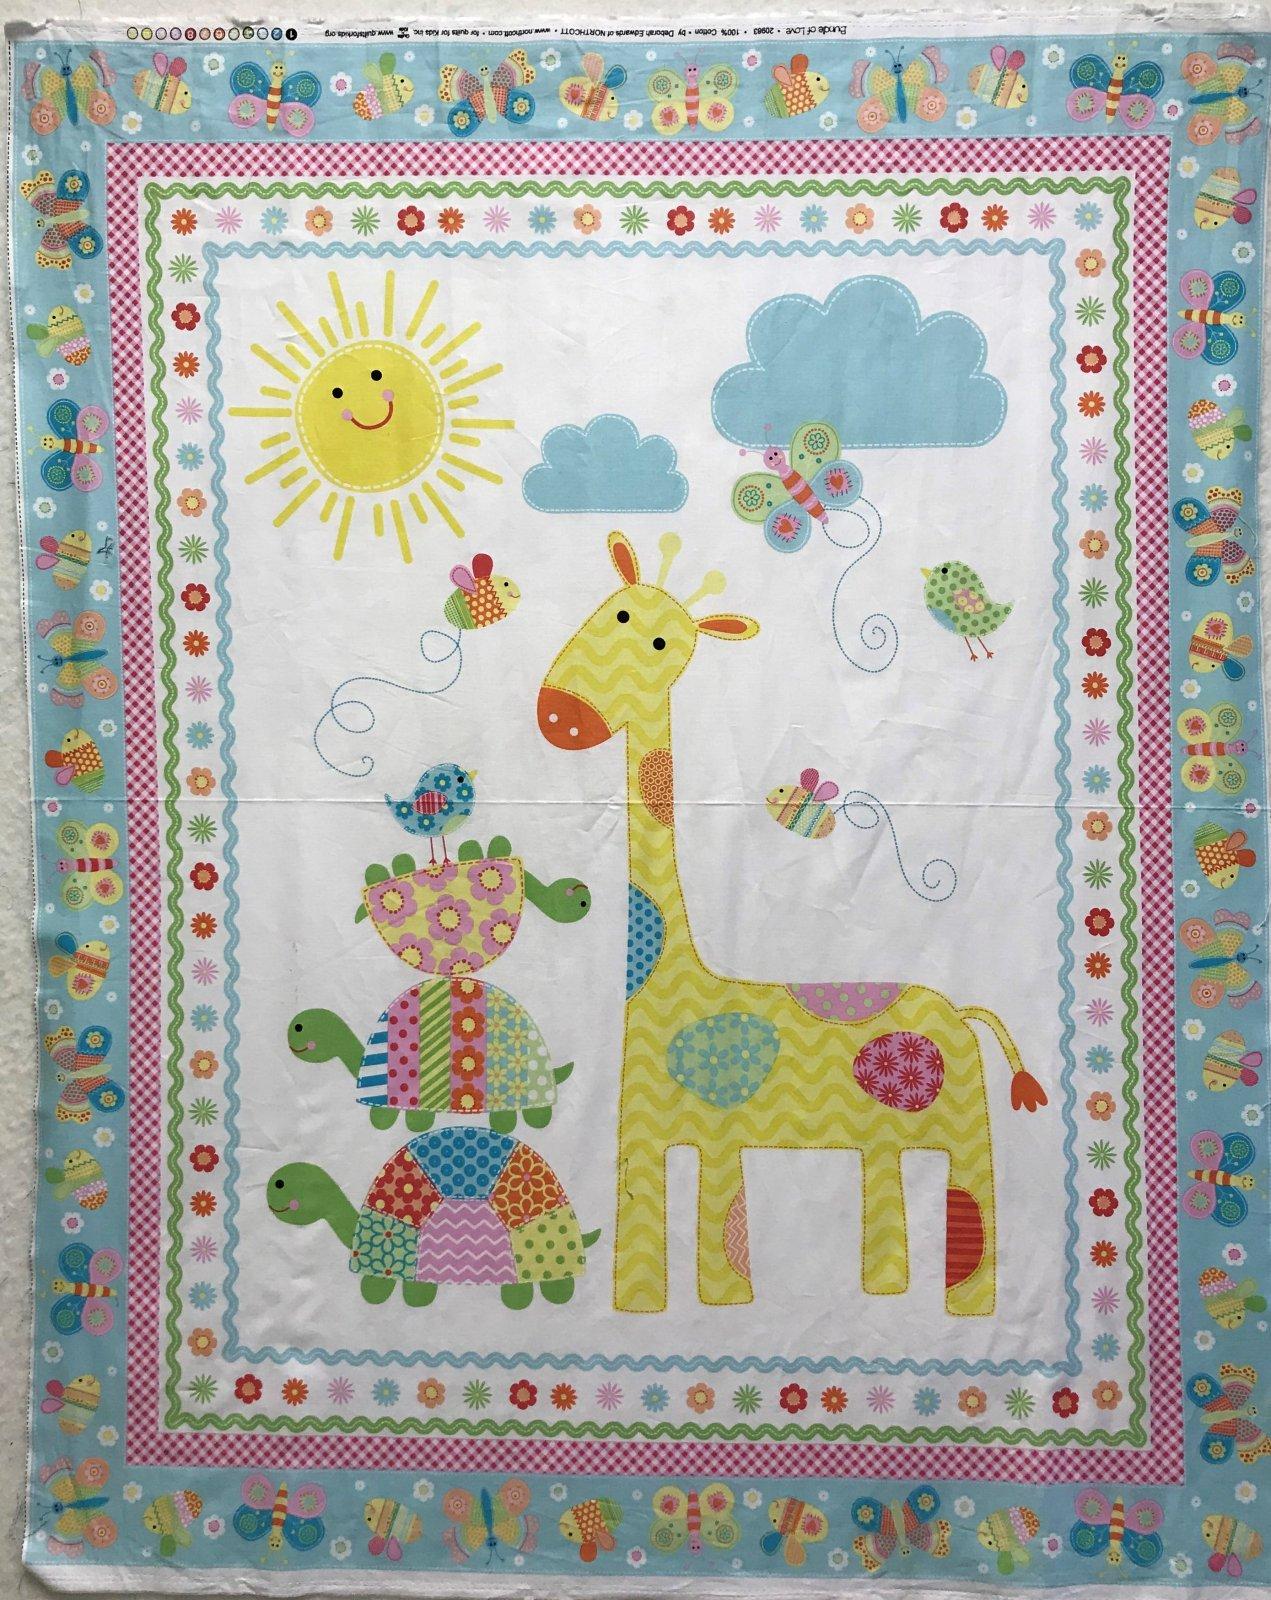 Sunshine Giraffe Panel